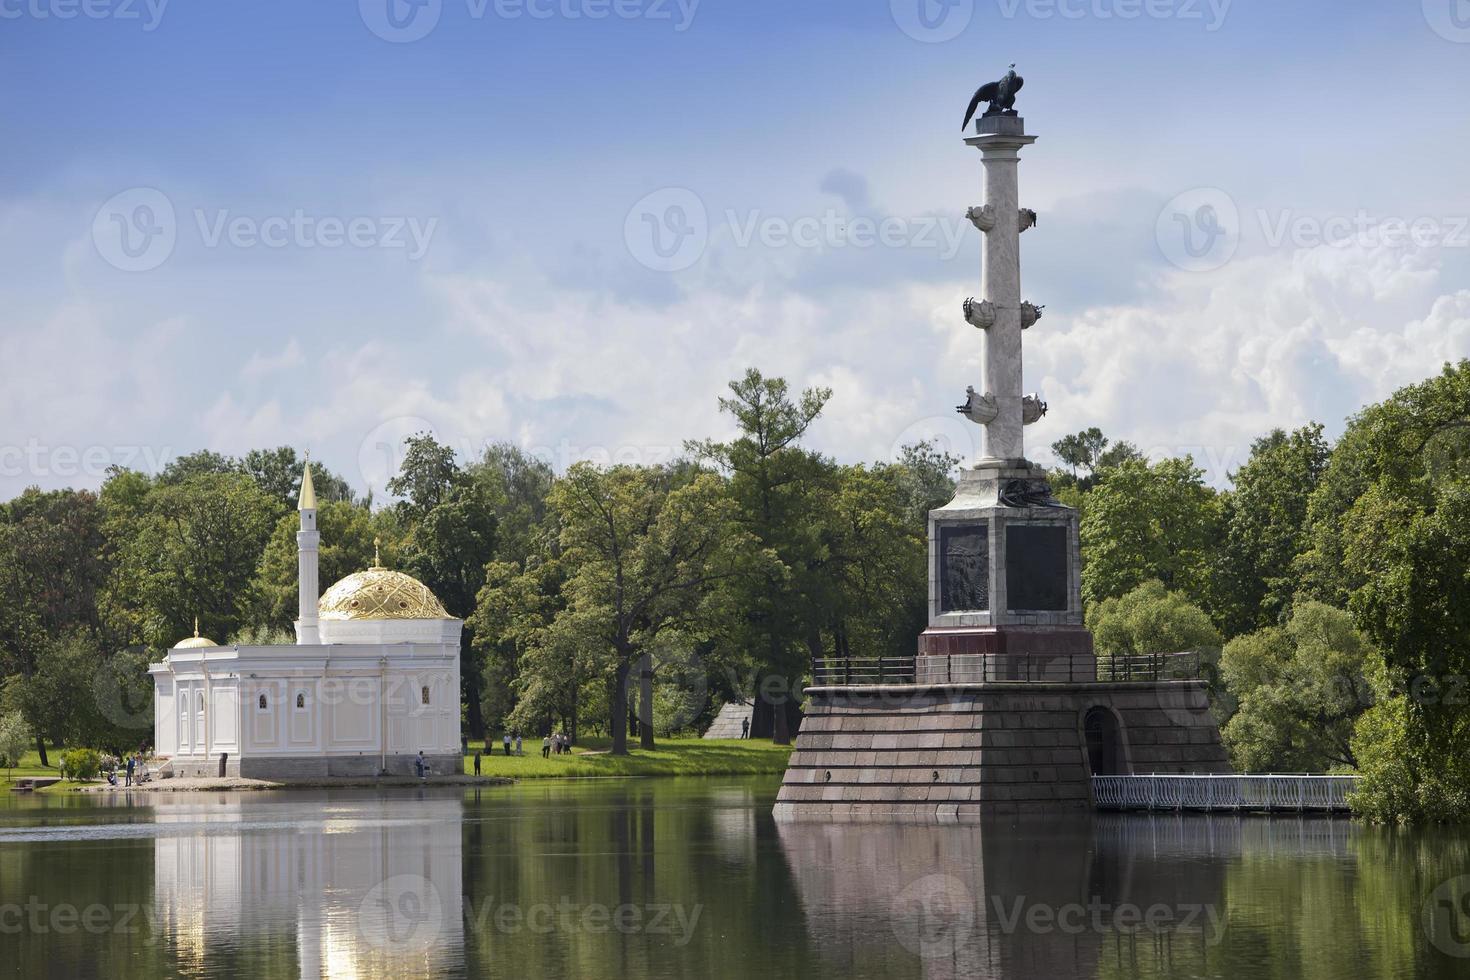 """colonne de chesme et pavillon """"bain turc"""". parc Catherine. Pouchkine. Pétersbourg photo"""